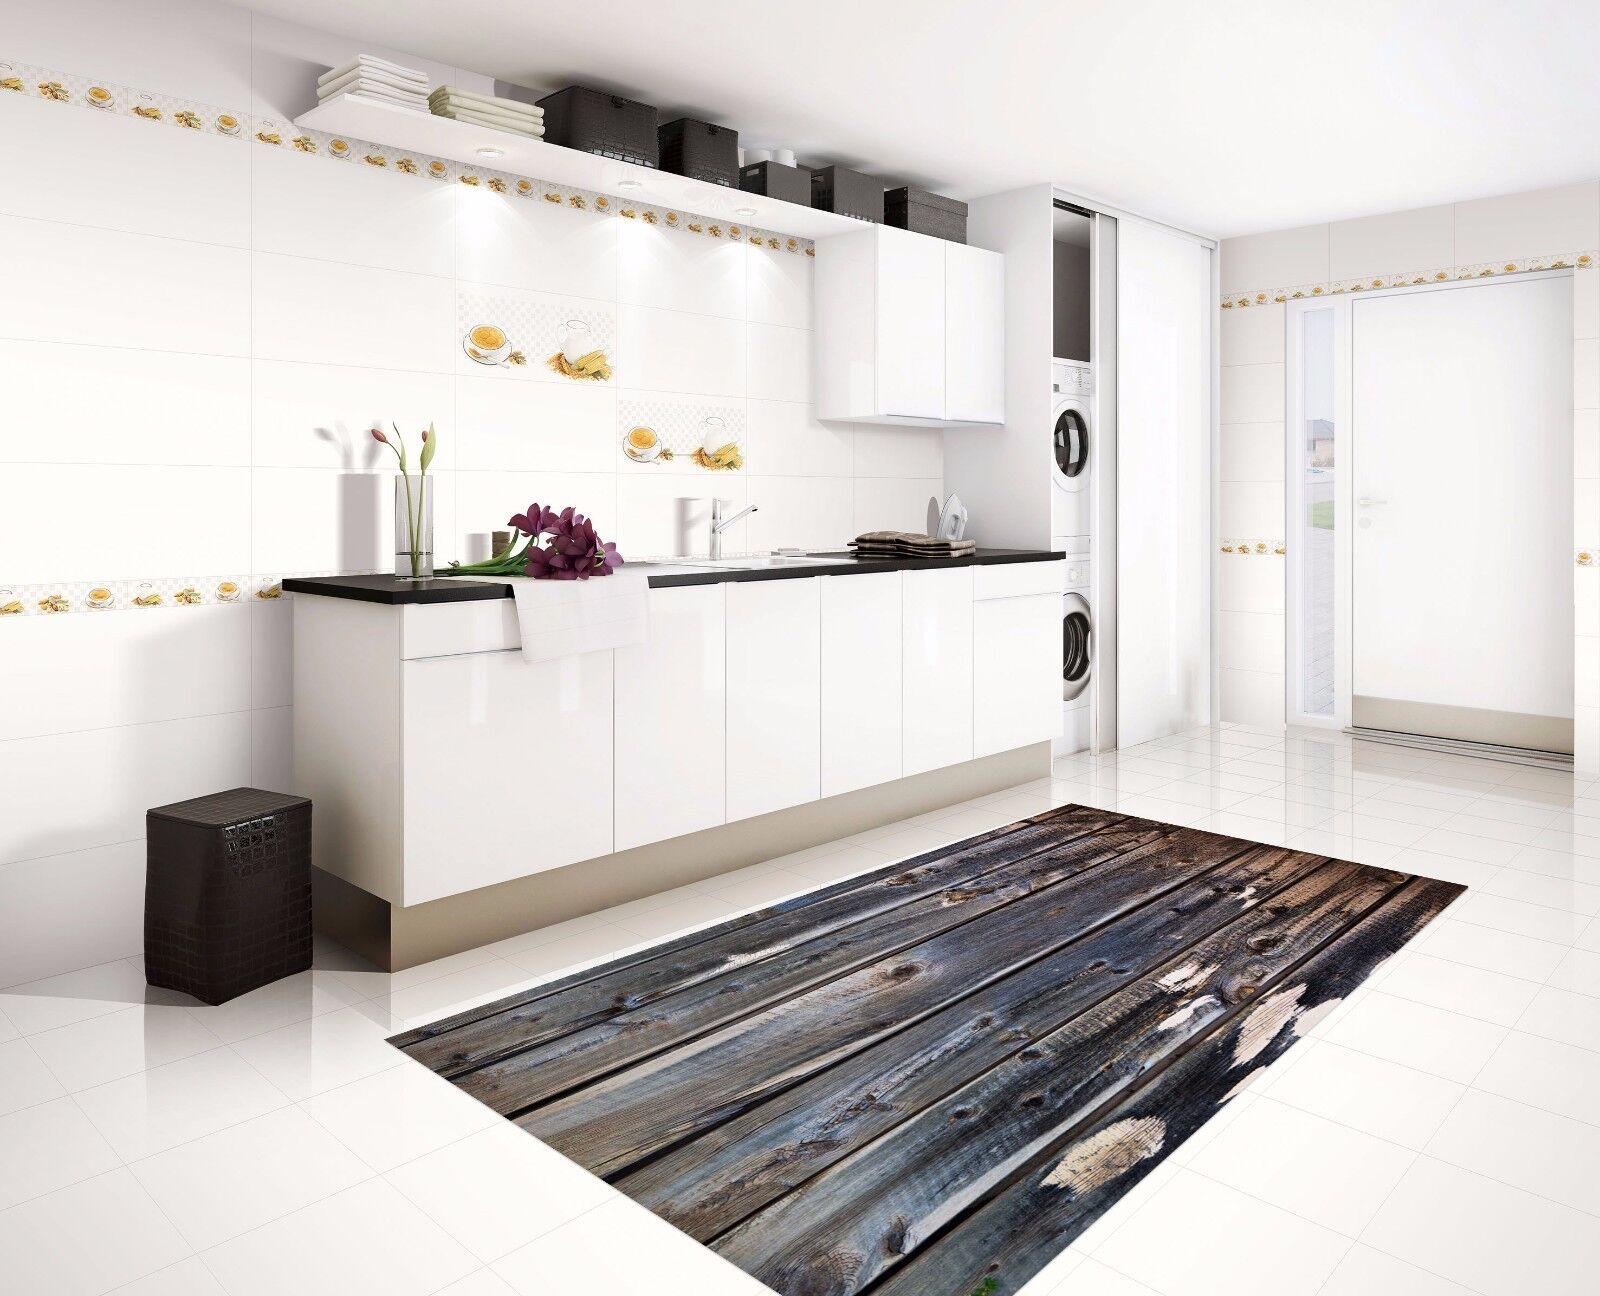 3D Retro Boards 3 Kitchen Mat Floor Murals Wall Print Wall Deco AJ WALLPAPER AU